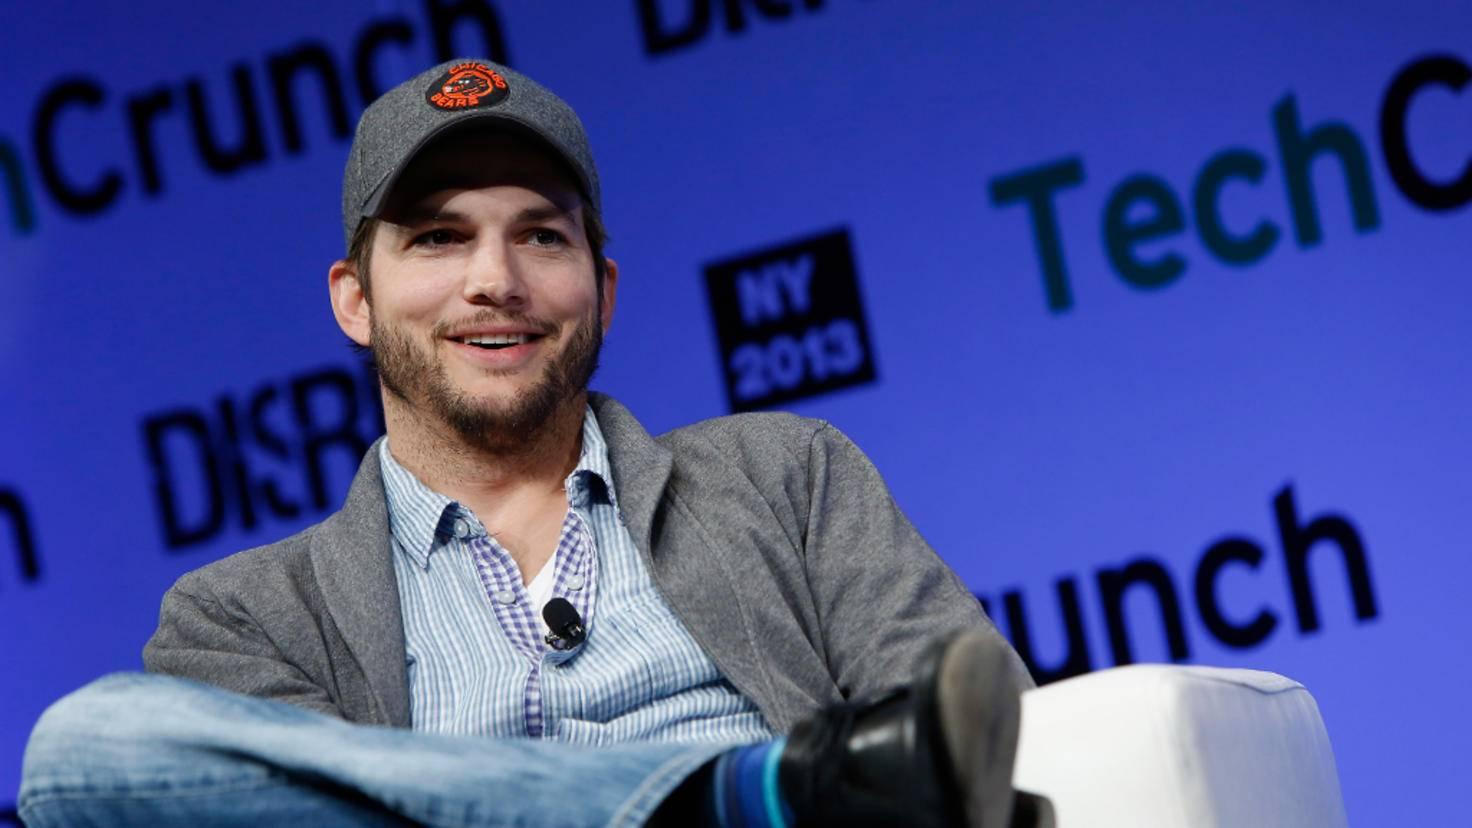 Ashton_Kutcher_CC_Flickr_Brian Ach_Getty Images_for_TechCrunch.jpg